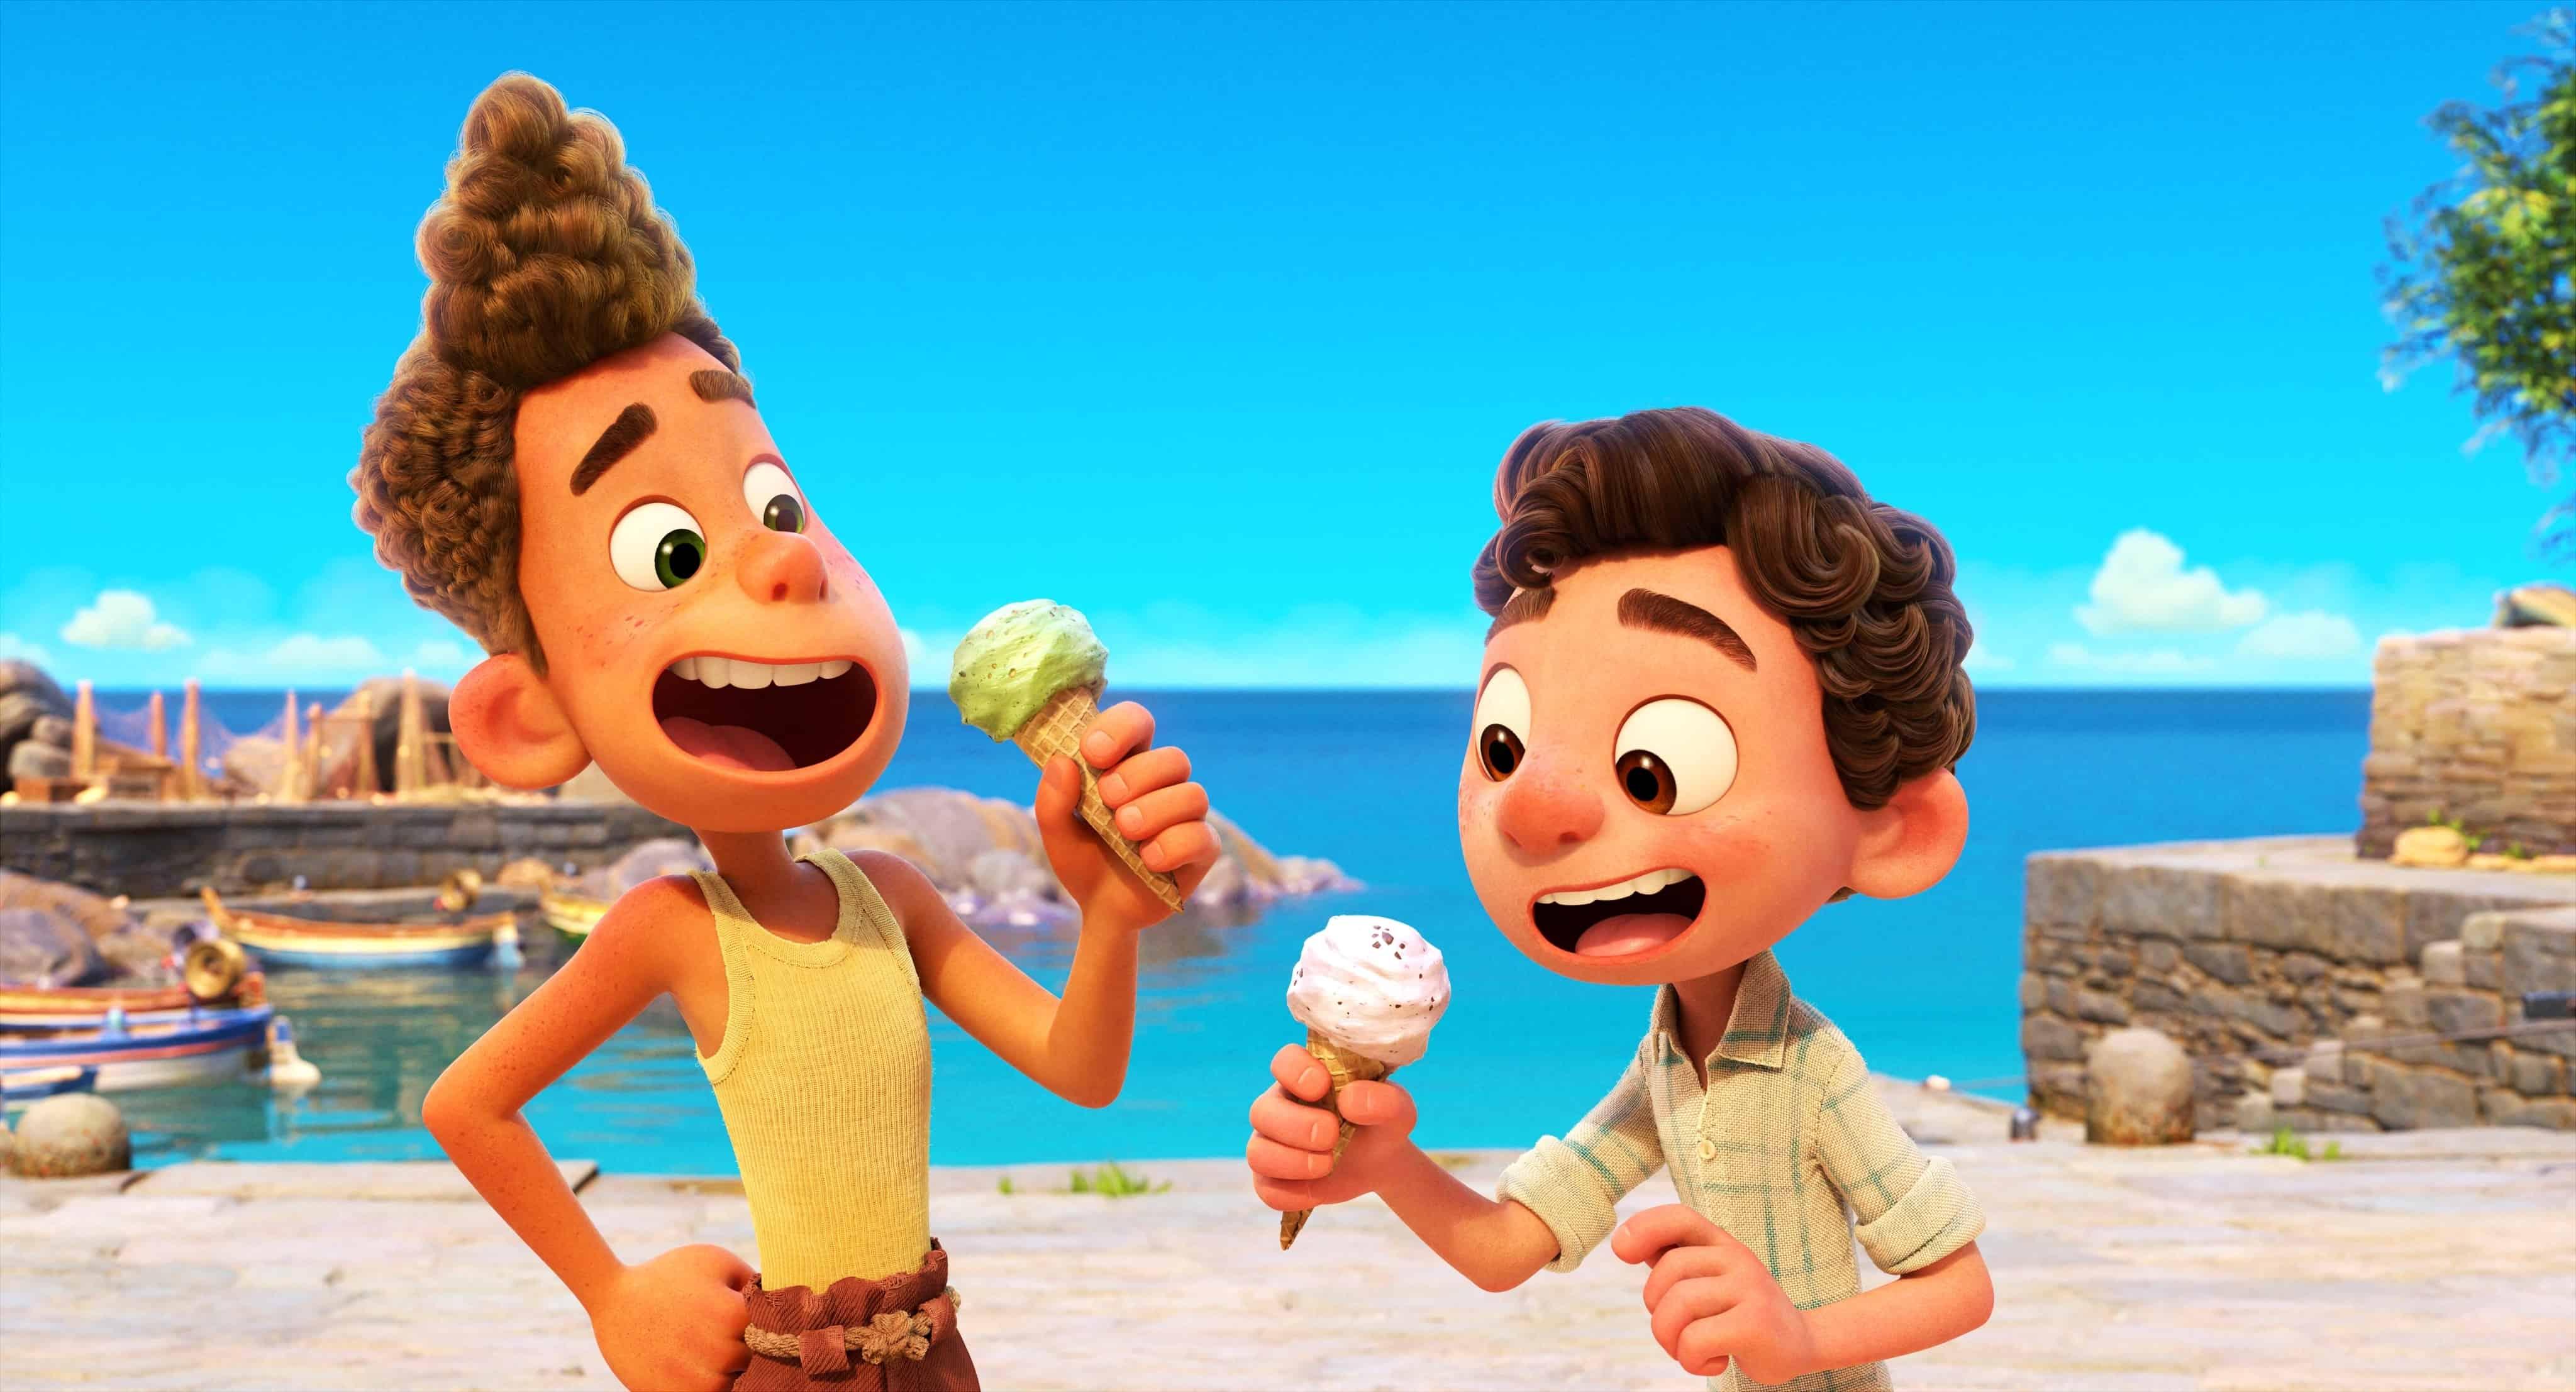 Pixar Luca Review